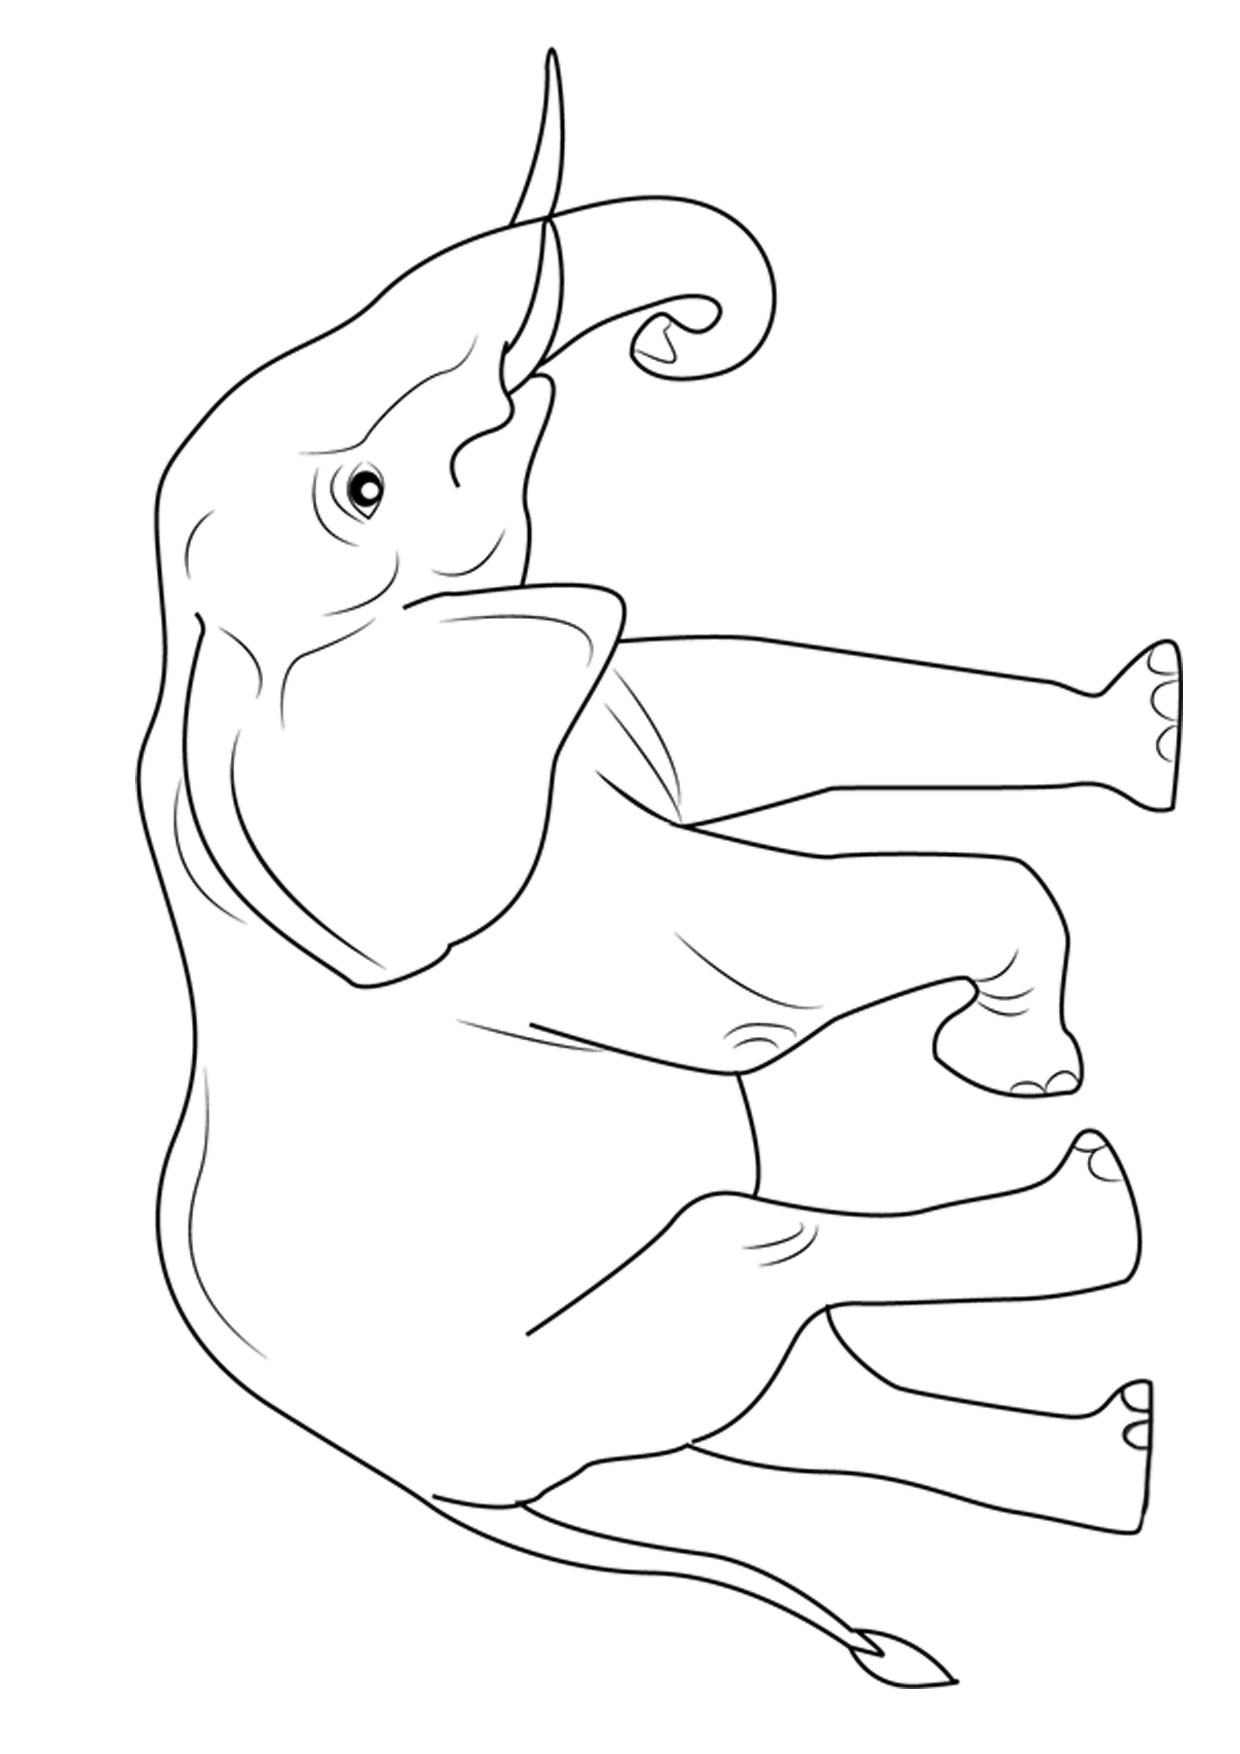 Disegno di elefanti da colorare 08